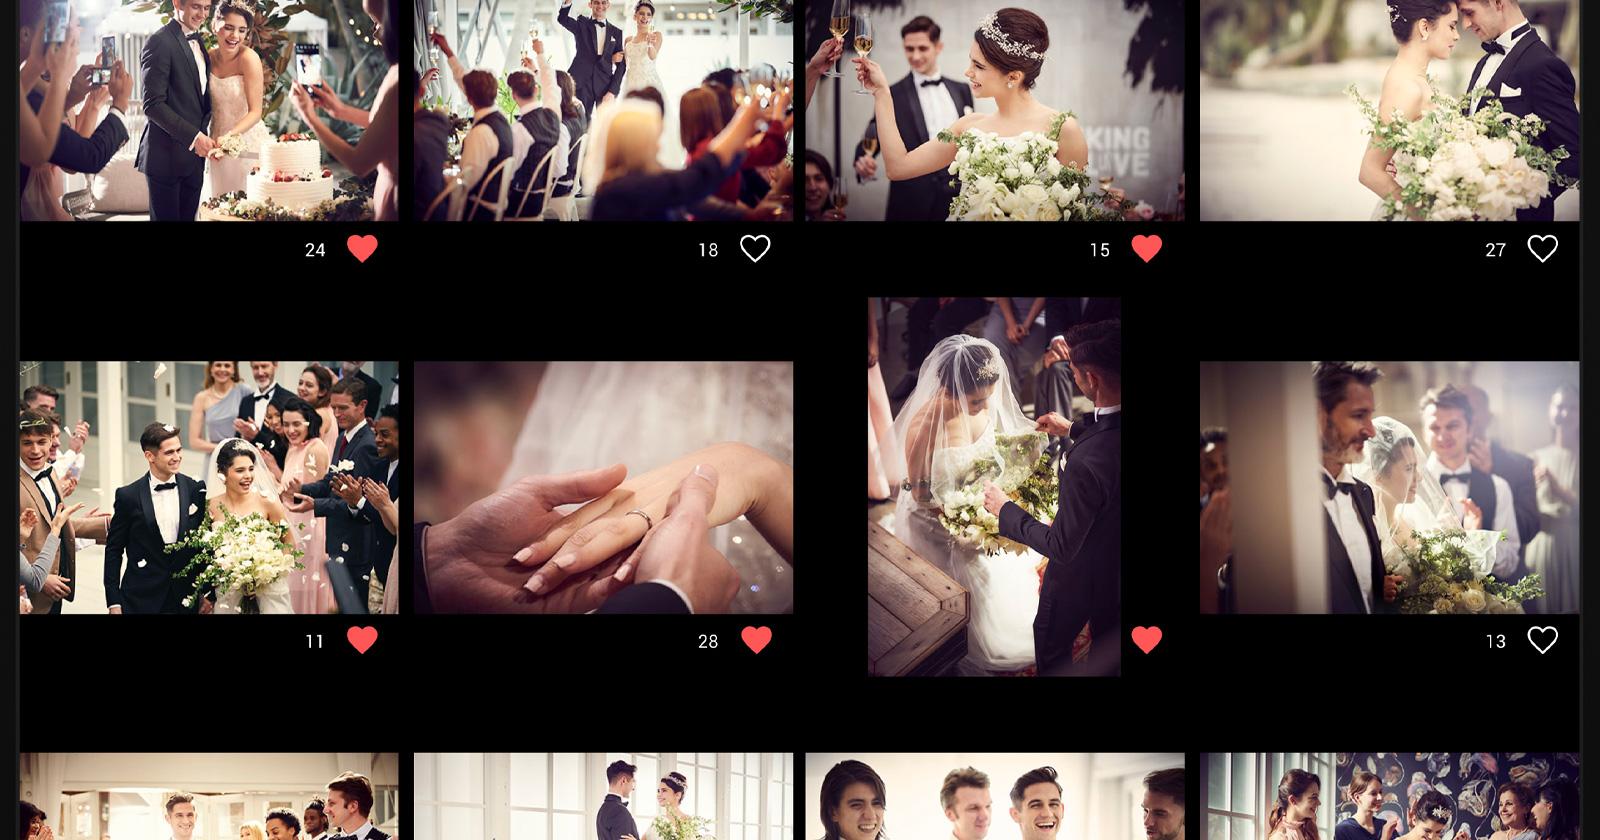 Sony aggiorna l'app Visual Story per iOS con Live Gallery